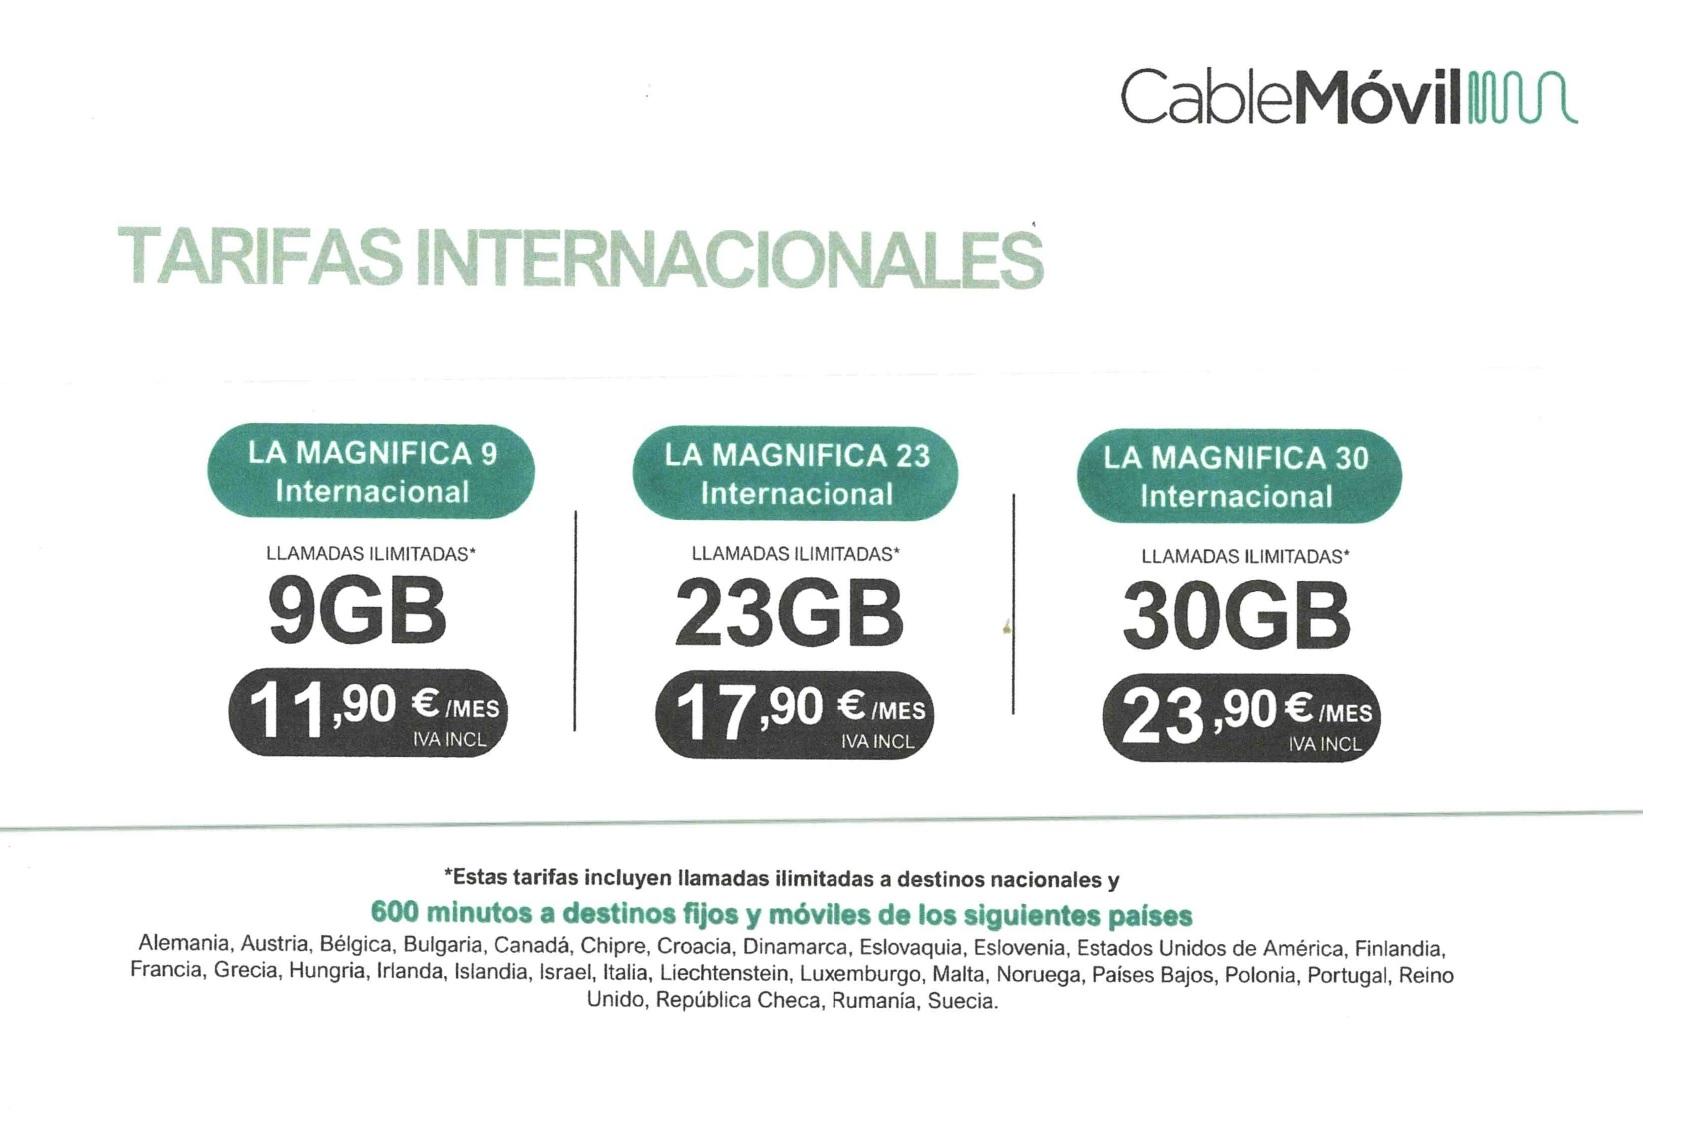 tarifas internacionales cablemovil octubre 2021